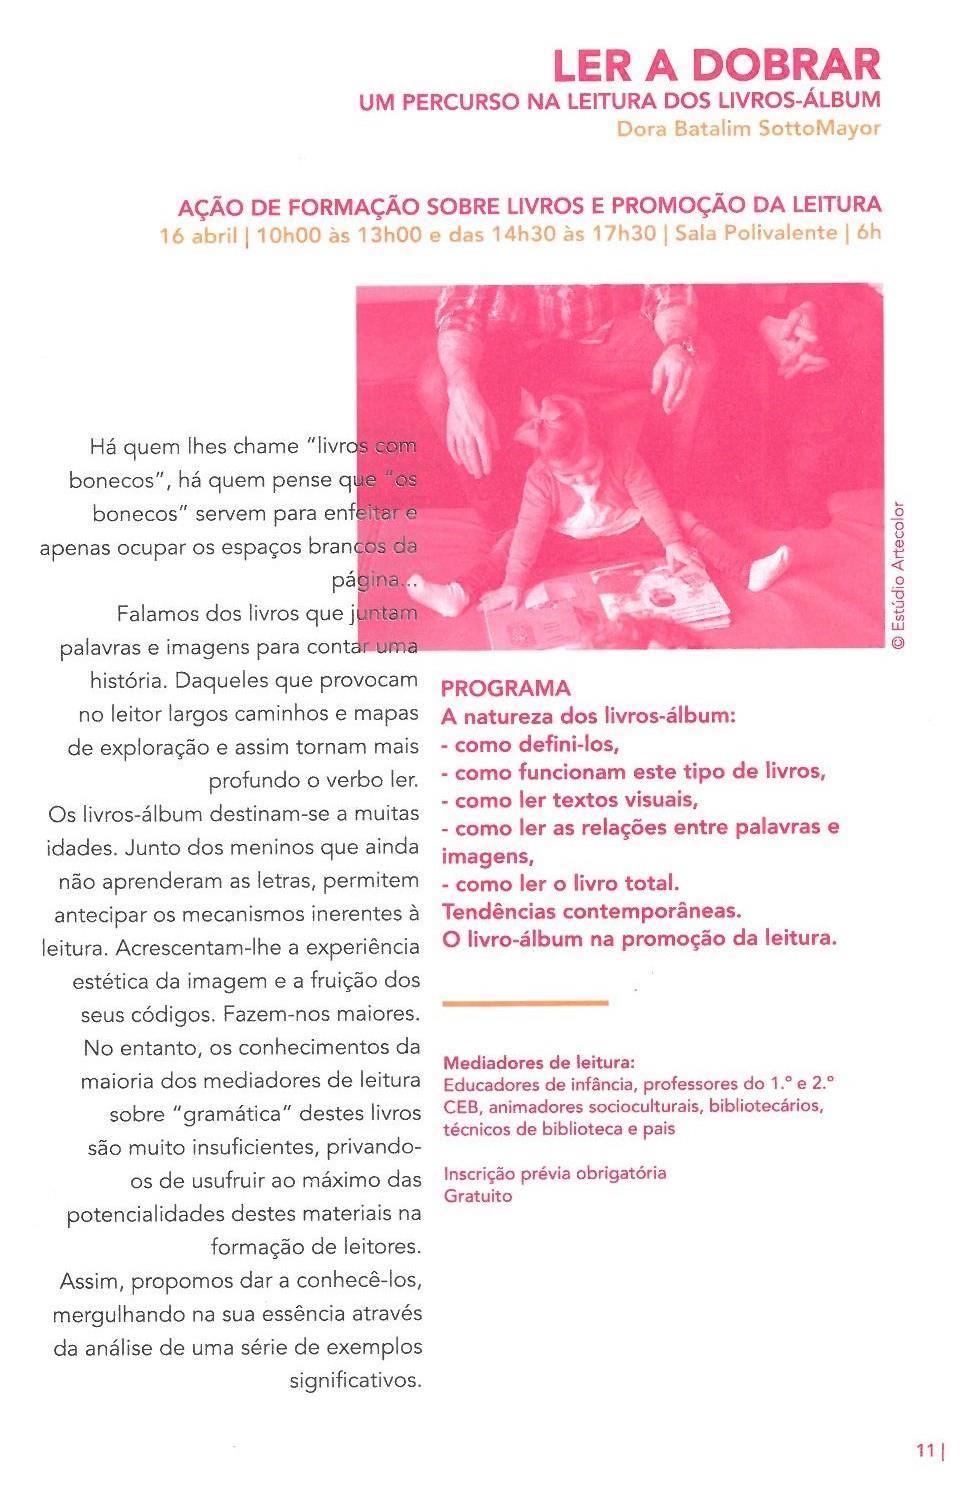 ACMSV-abr.,maio,jun.,jul.'16-p.11-Ler a dobrar : um percurso na leitura dos livros : album : ação de formação sobre livros e promoção da leitura.jpg